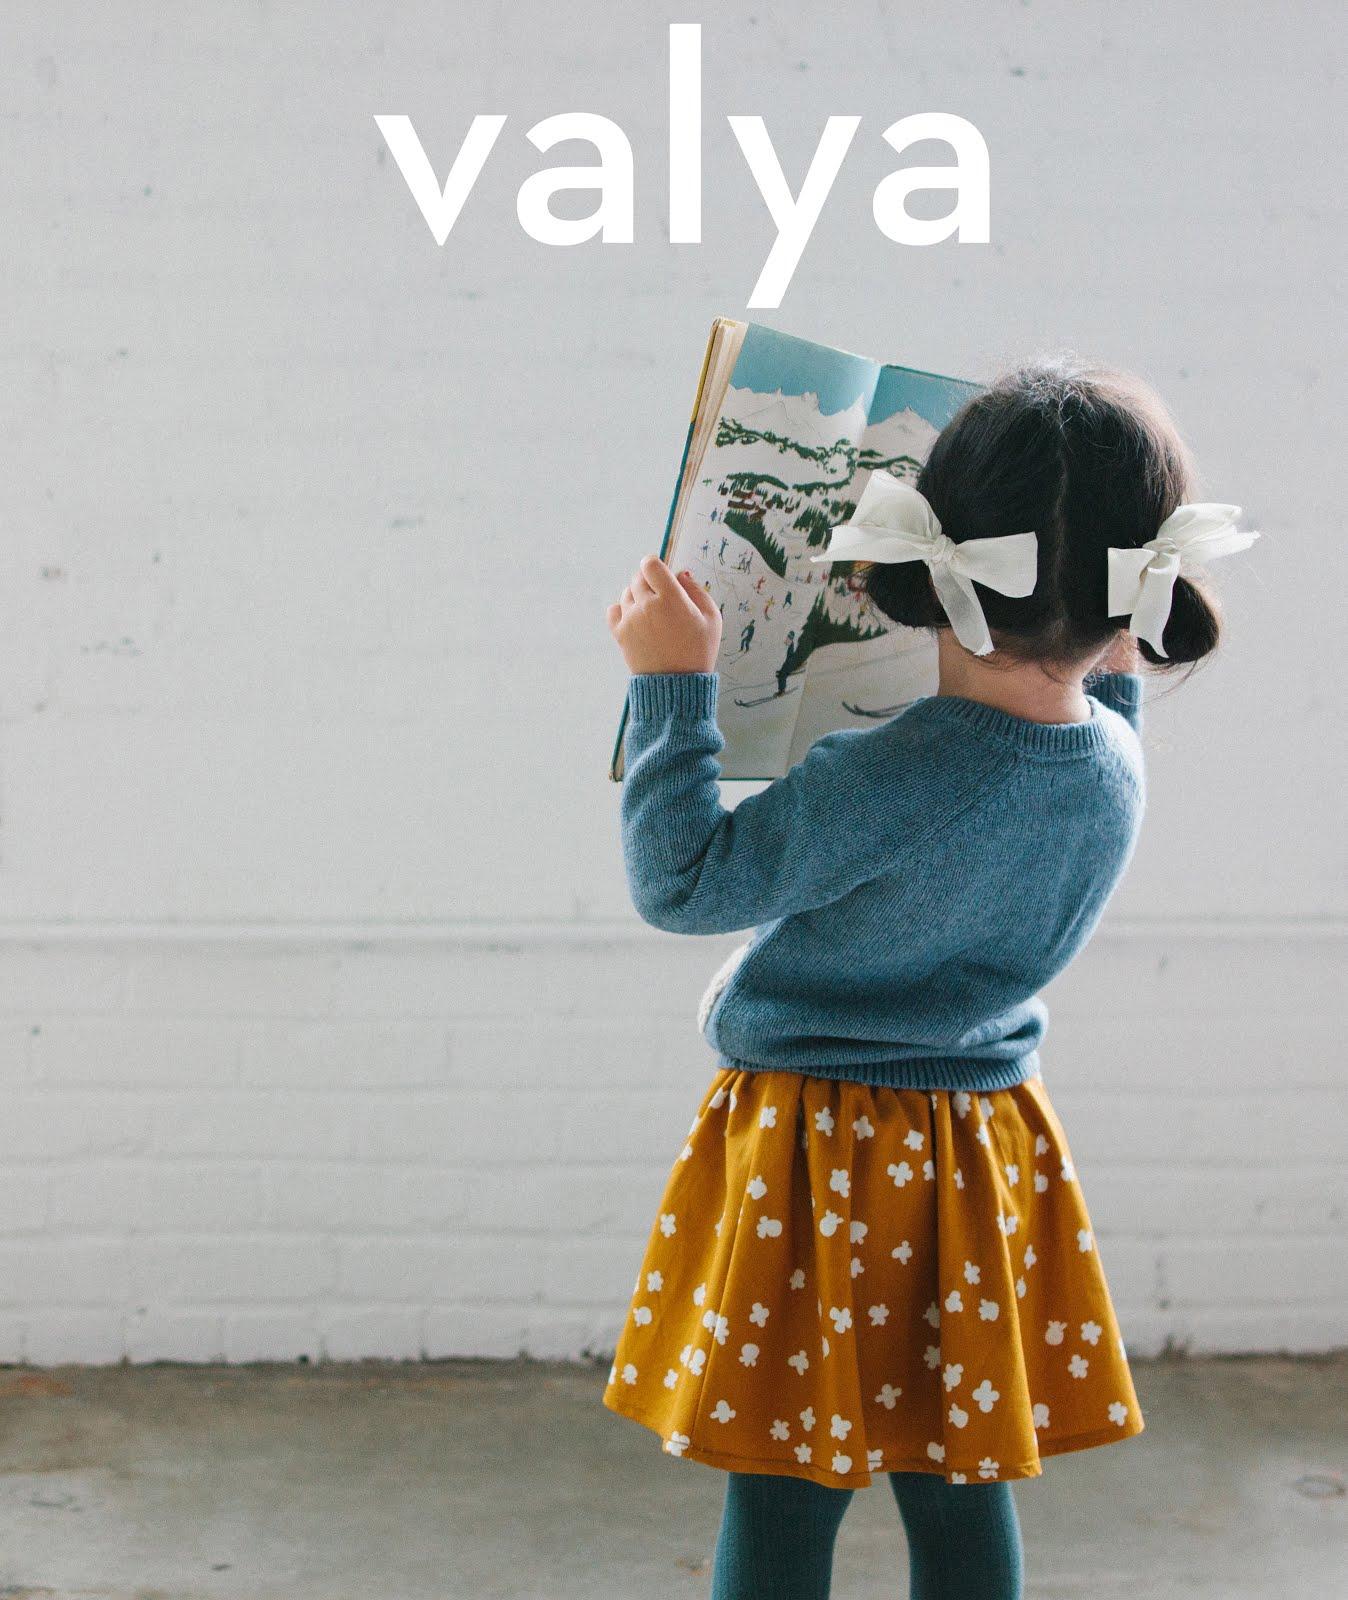 valya kids